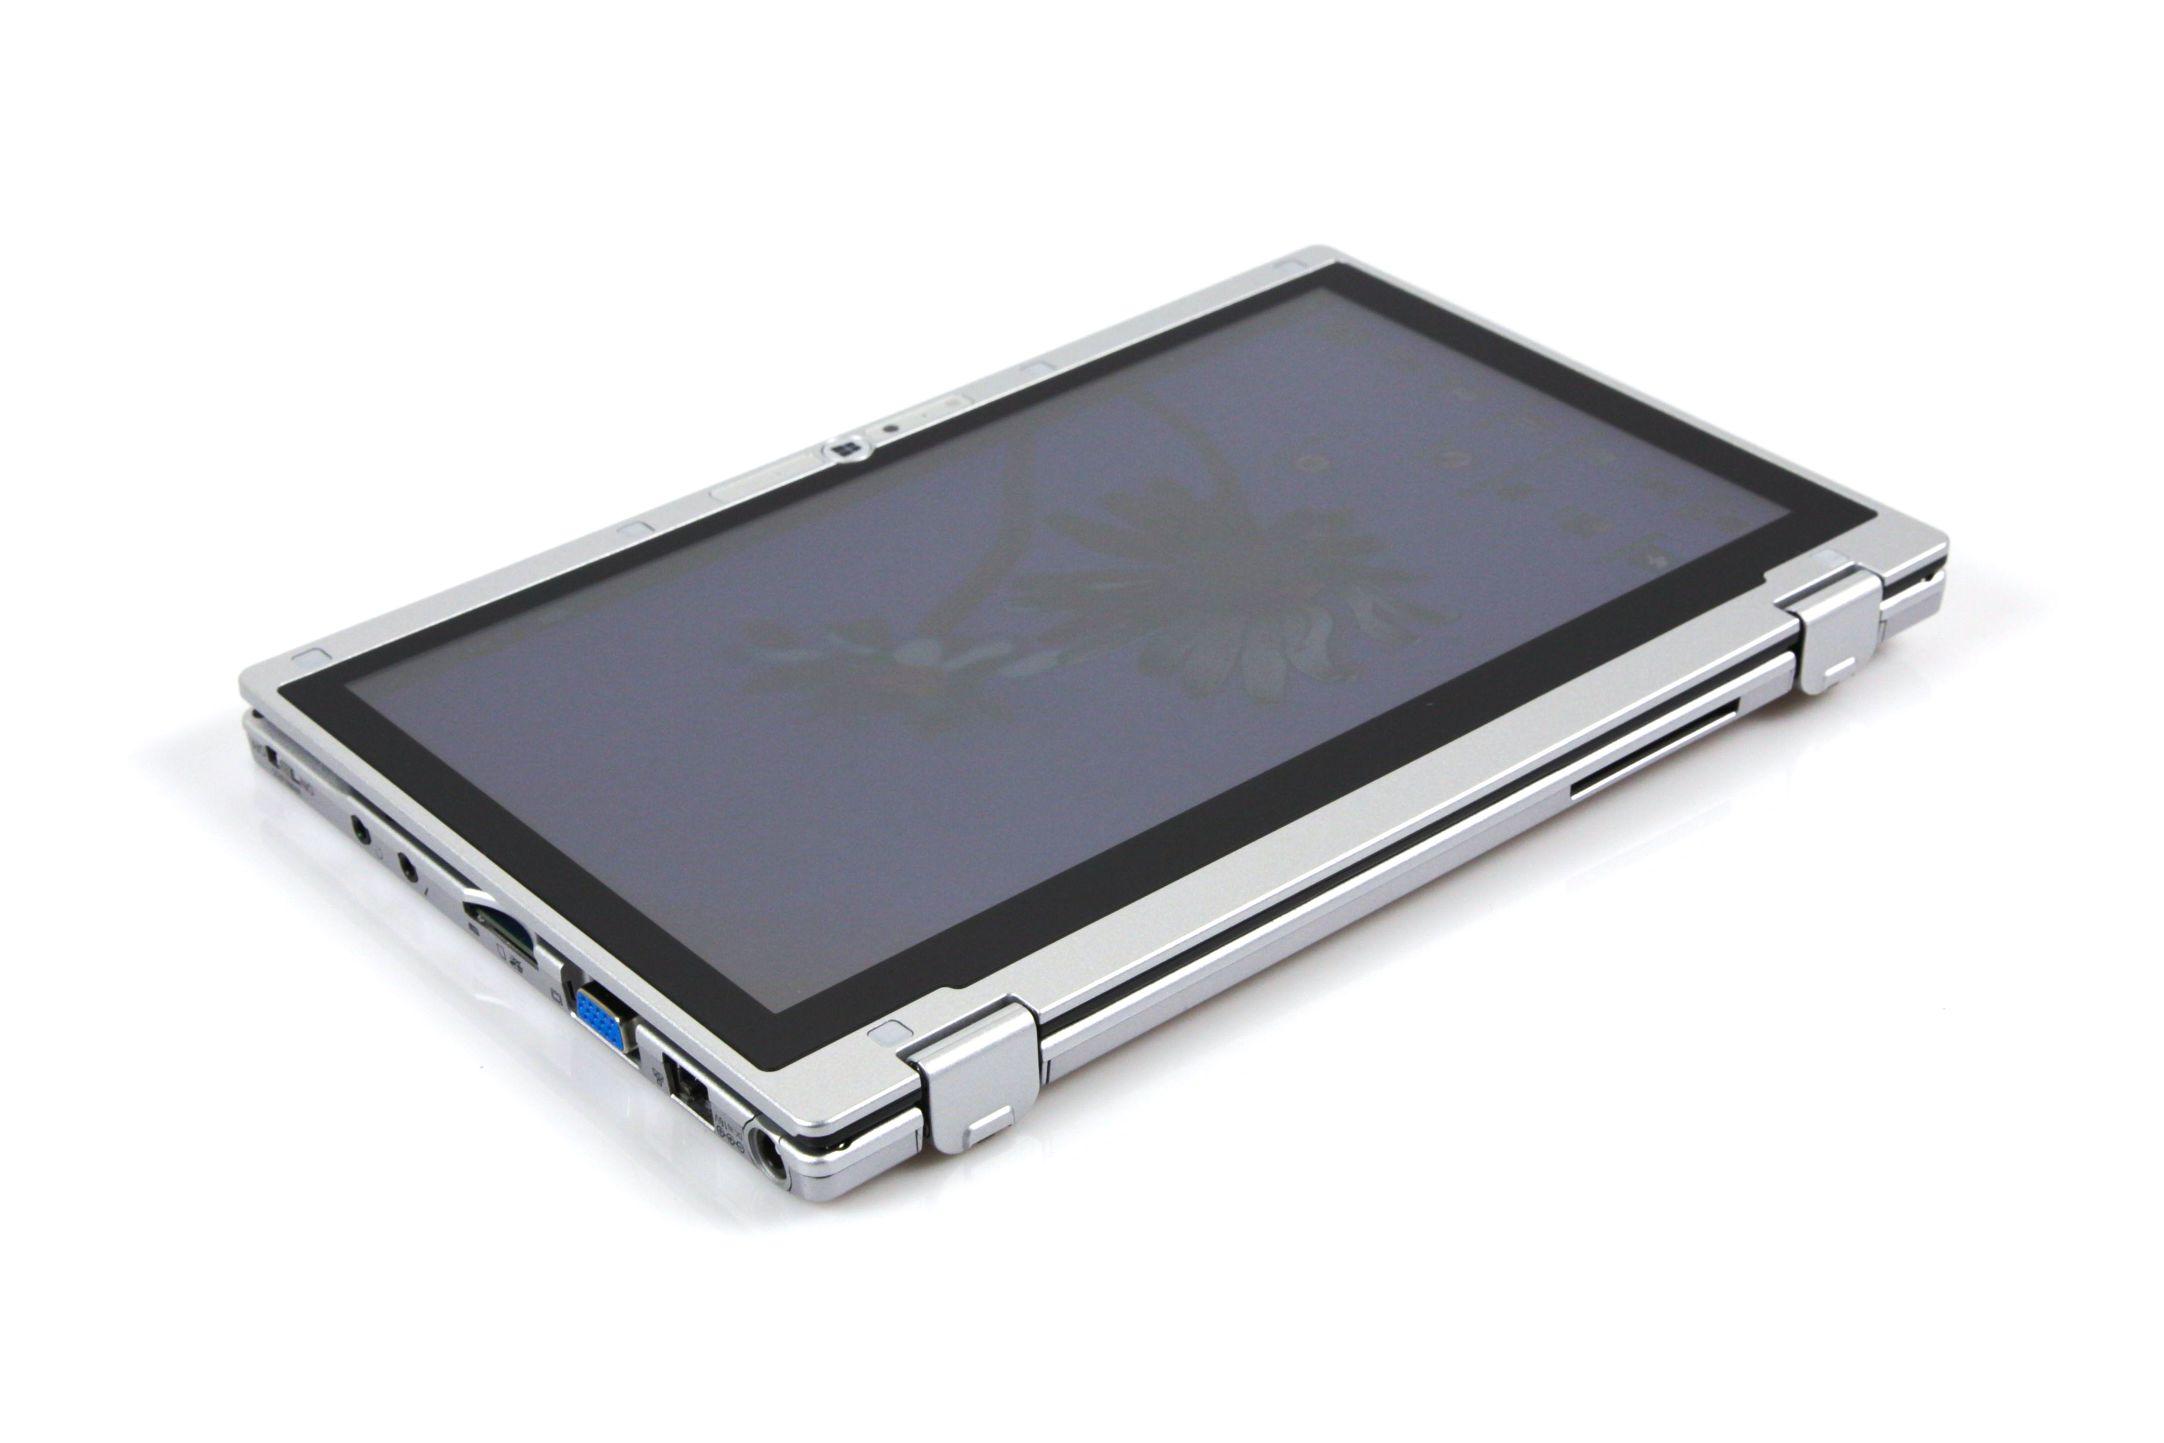 CF-AX2 im Test: Dünnes Toughbook mit Notfallakku und nerviger Tastatur - ... das in ein Tablet verwandelt werden kann. (Foto: Nina Sebayang/Golem.de)